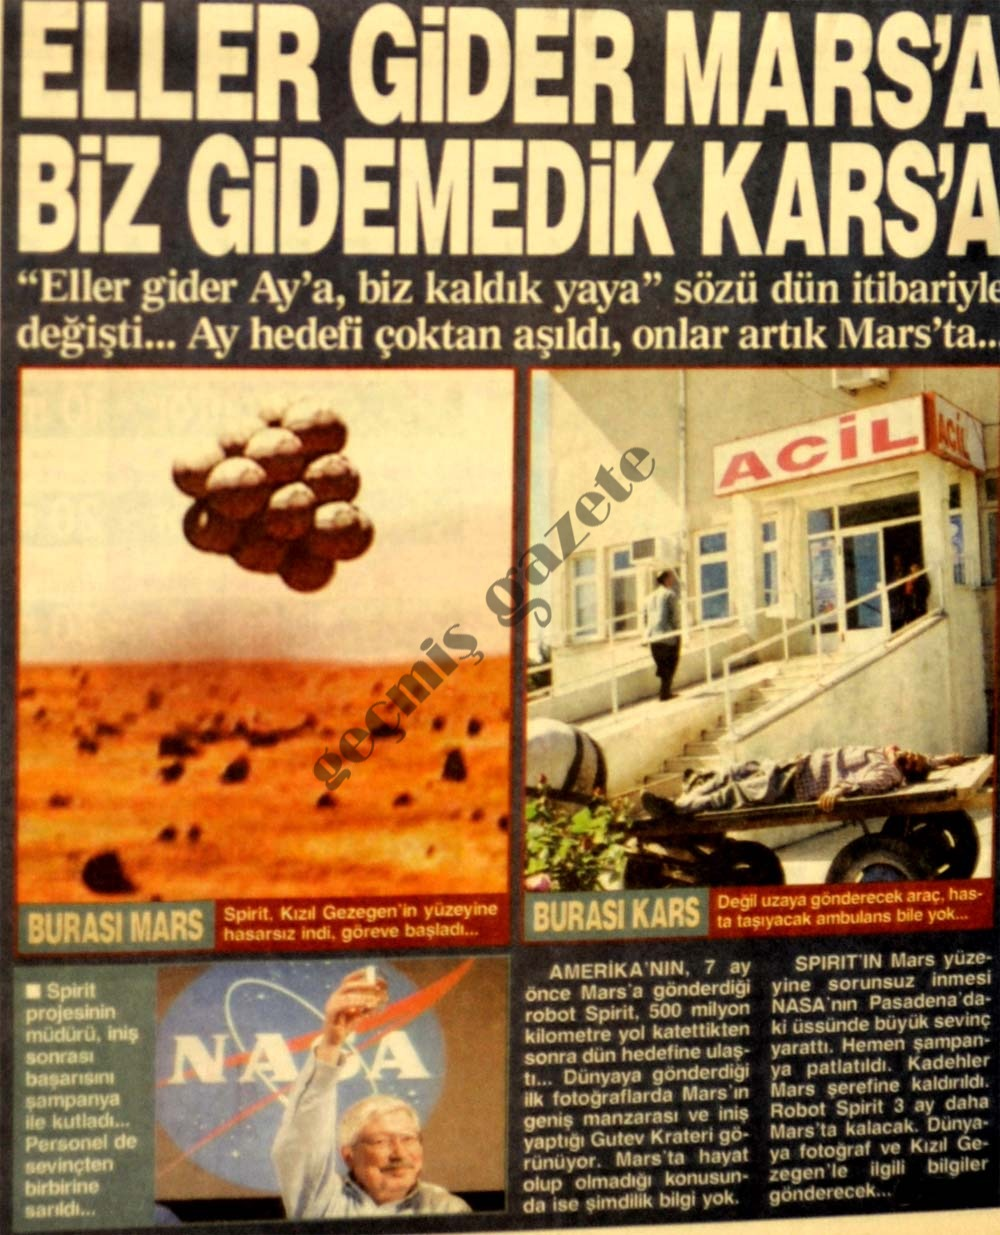 Eller gider Mars'a biz gidemedik Kars'a